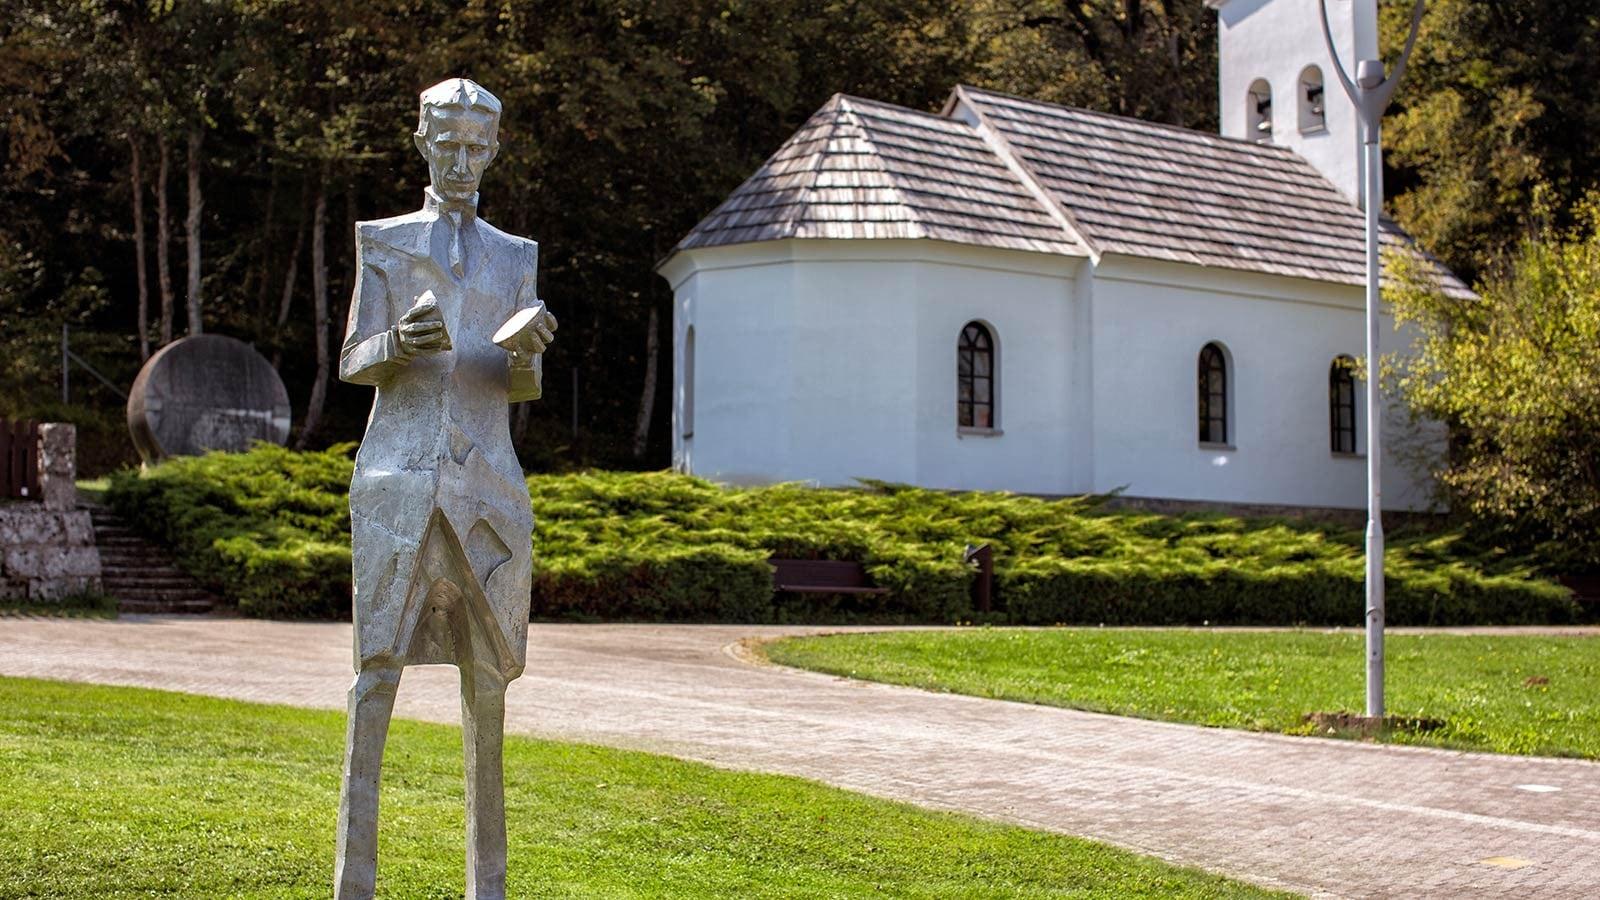 مجسمه نیکولا تسلا در زادگاهش